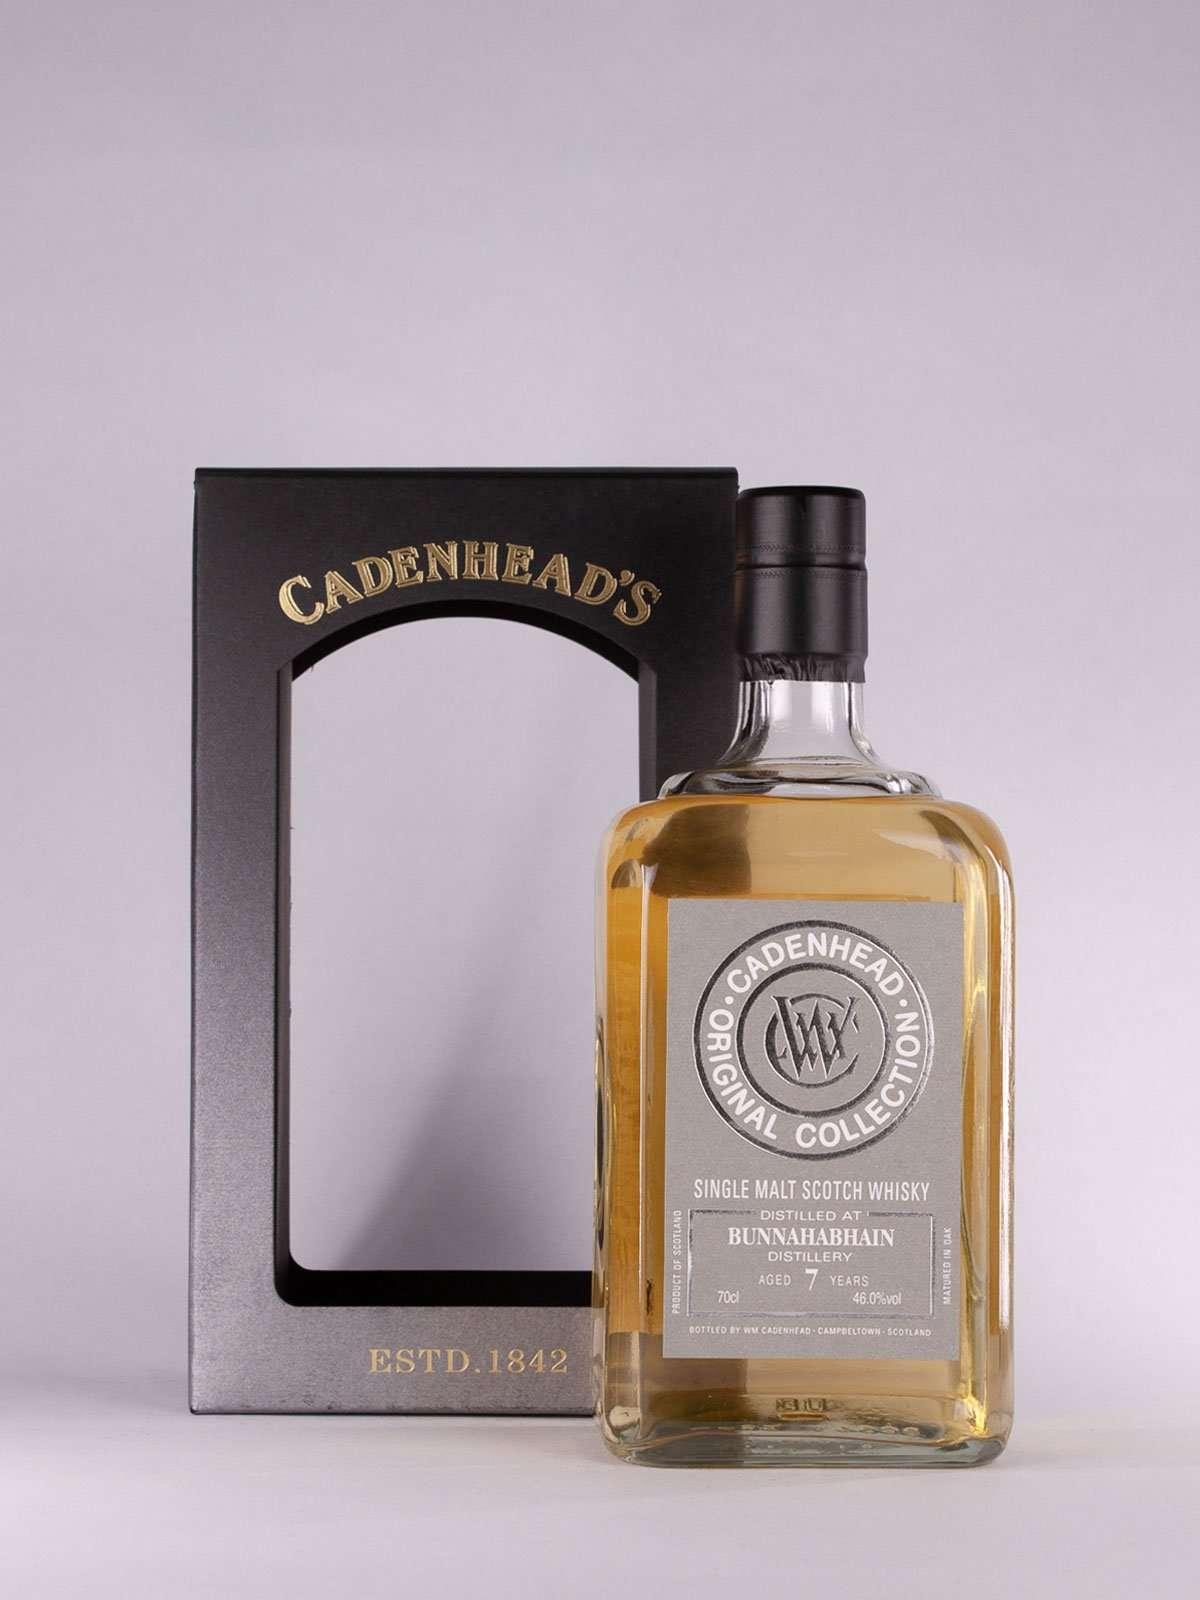 Cadenhead Bunnahabhain 70yo